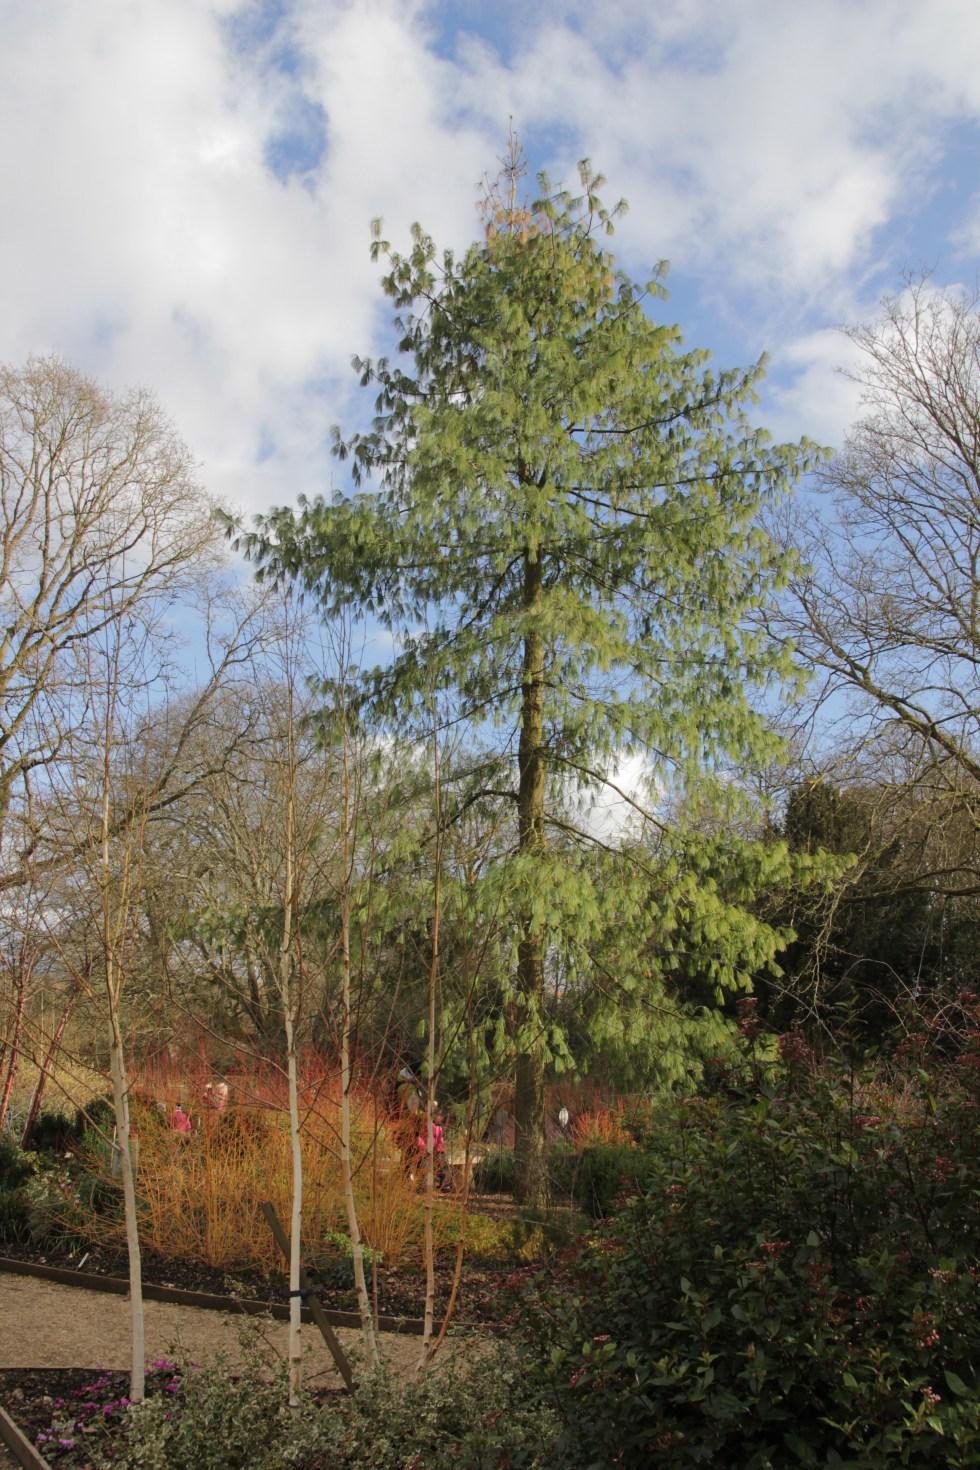 img 3259 National tree week celebrating trees